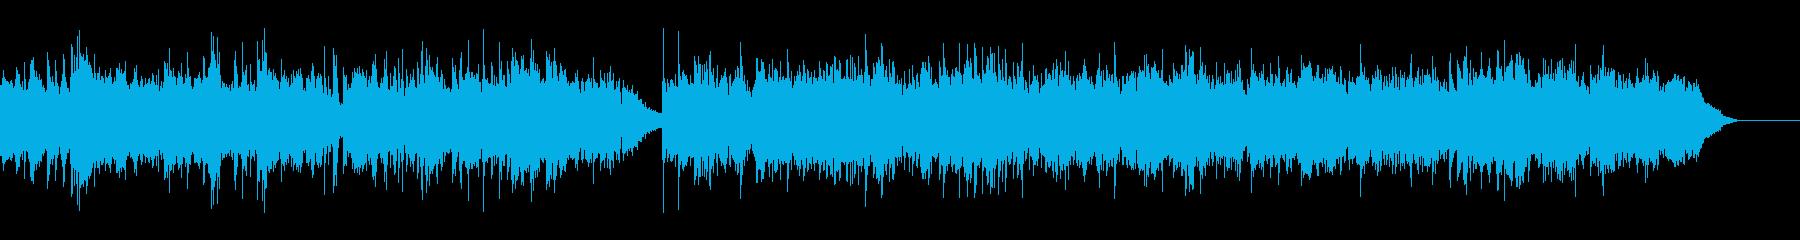 クライスレリアーナ第4曲の再生済みの波形